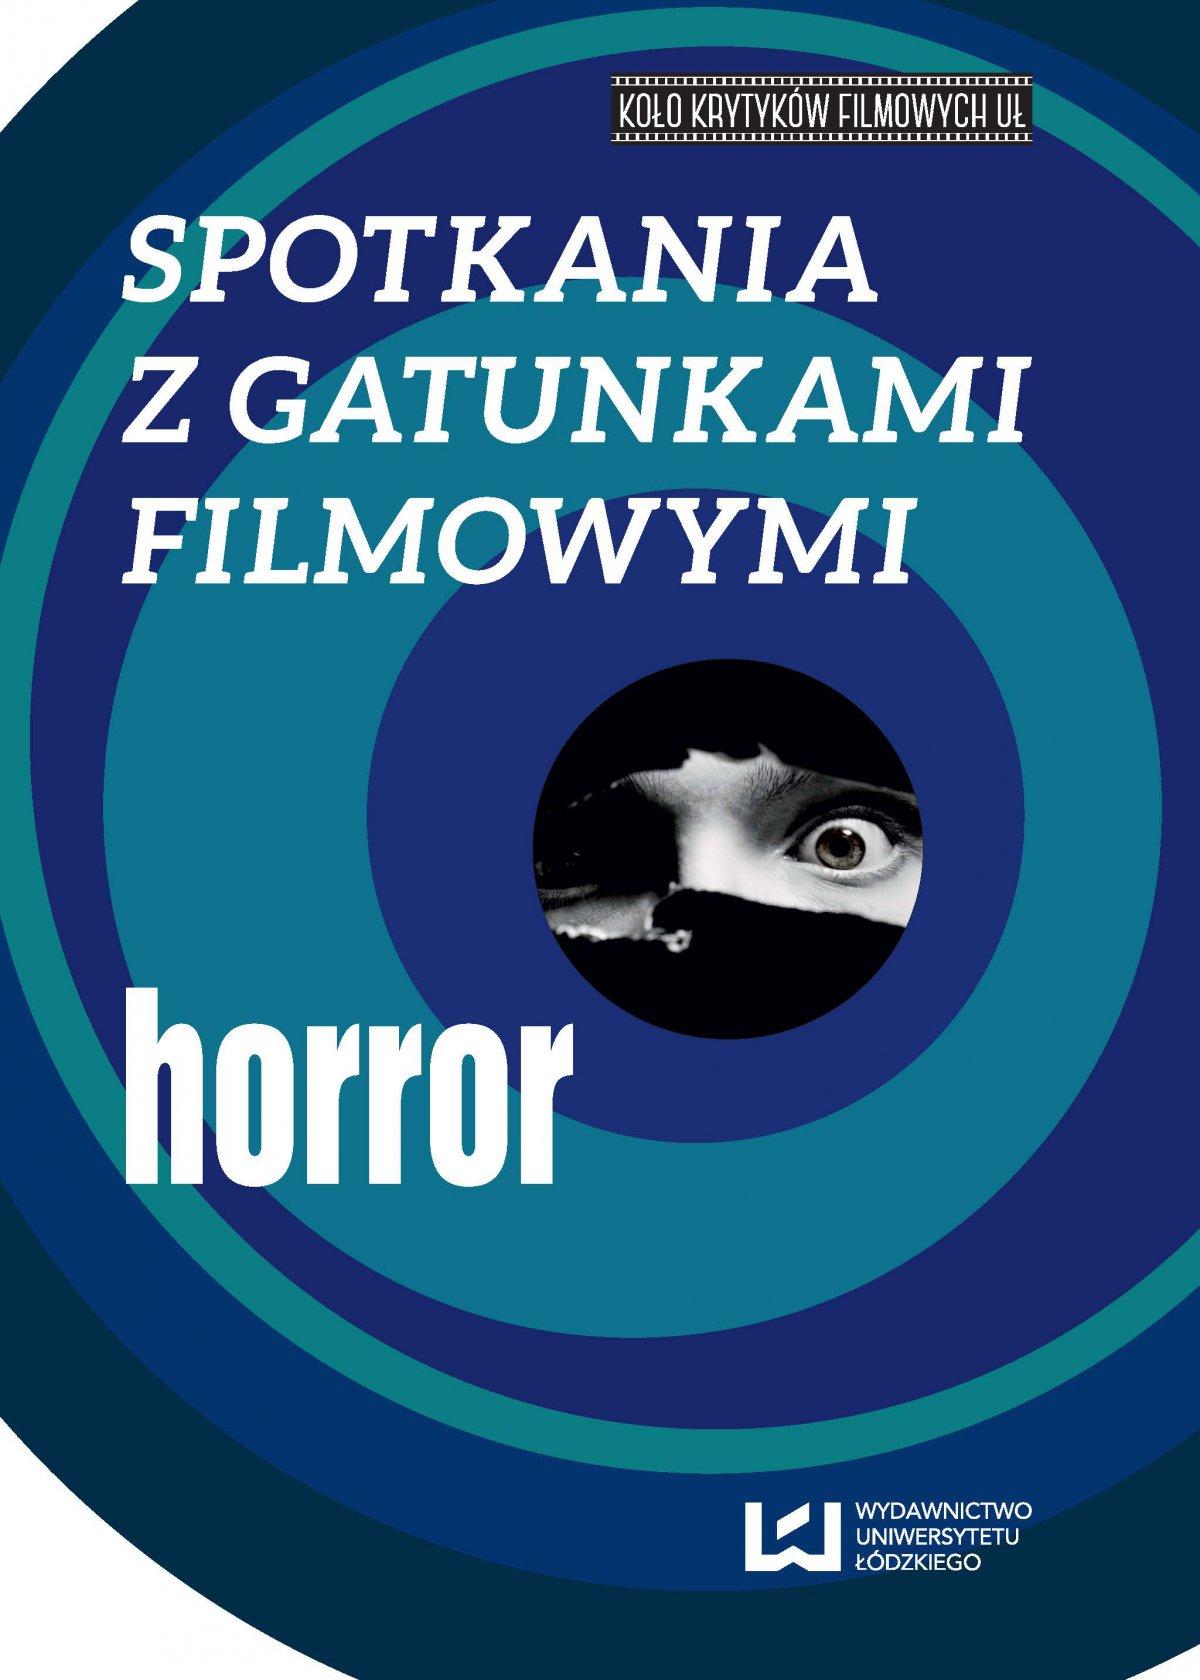 Spotkania z gatunkami filmowymi. Horror - Ebook (Książka PDF) do pobrania w formacie PDF